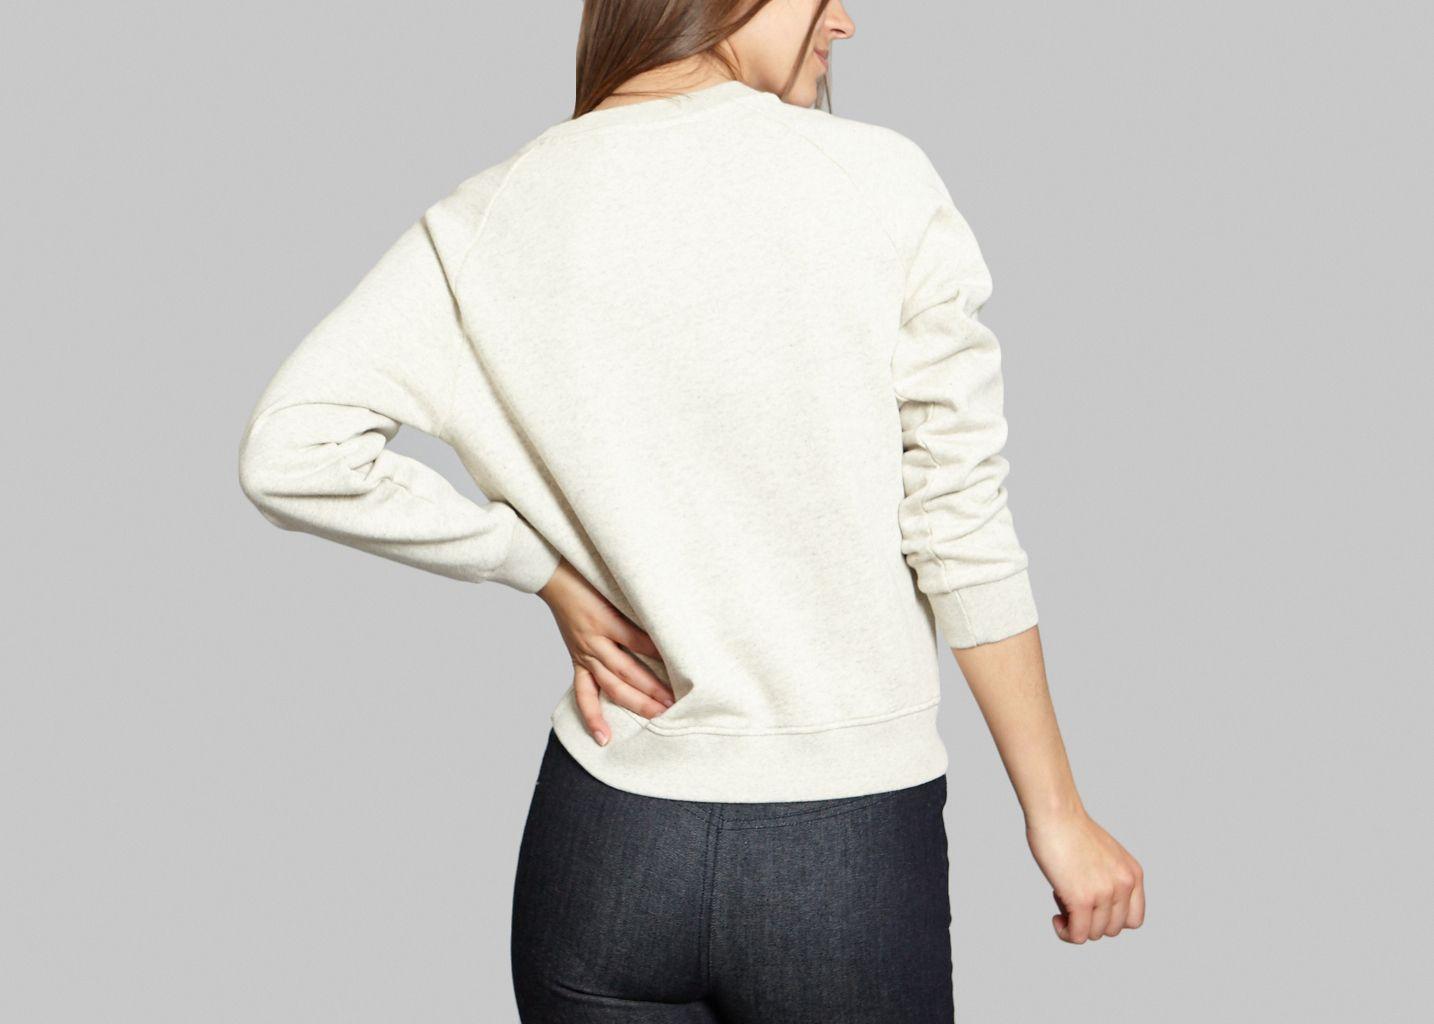 Sweatshirt Parisienne - Maison Kitsuné